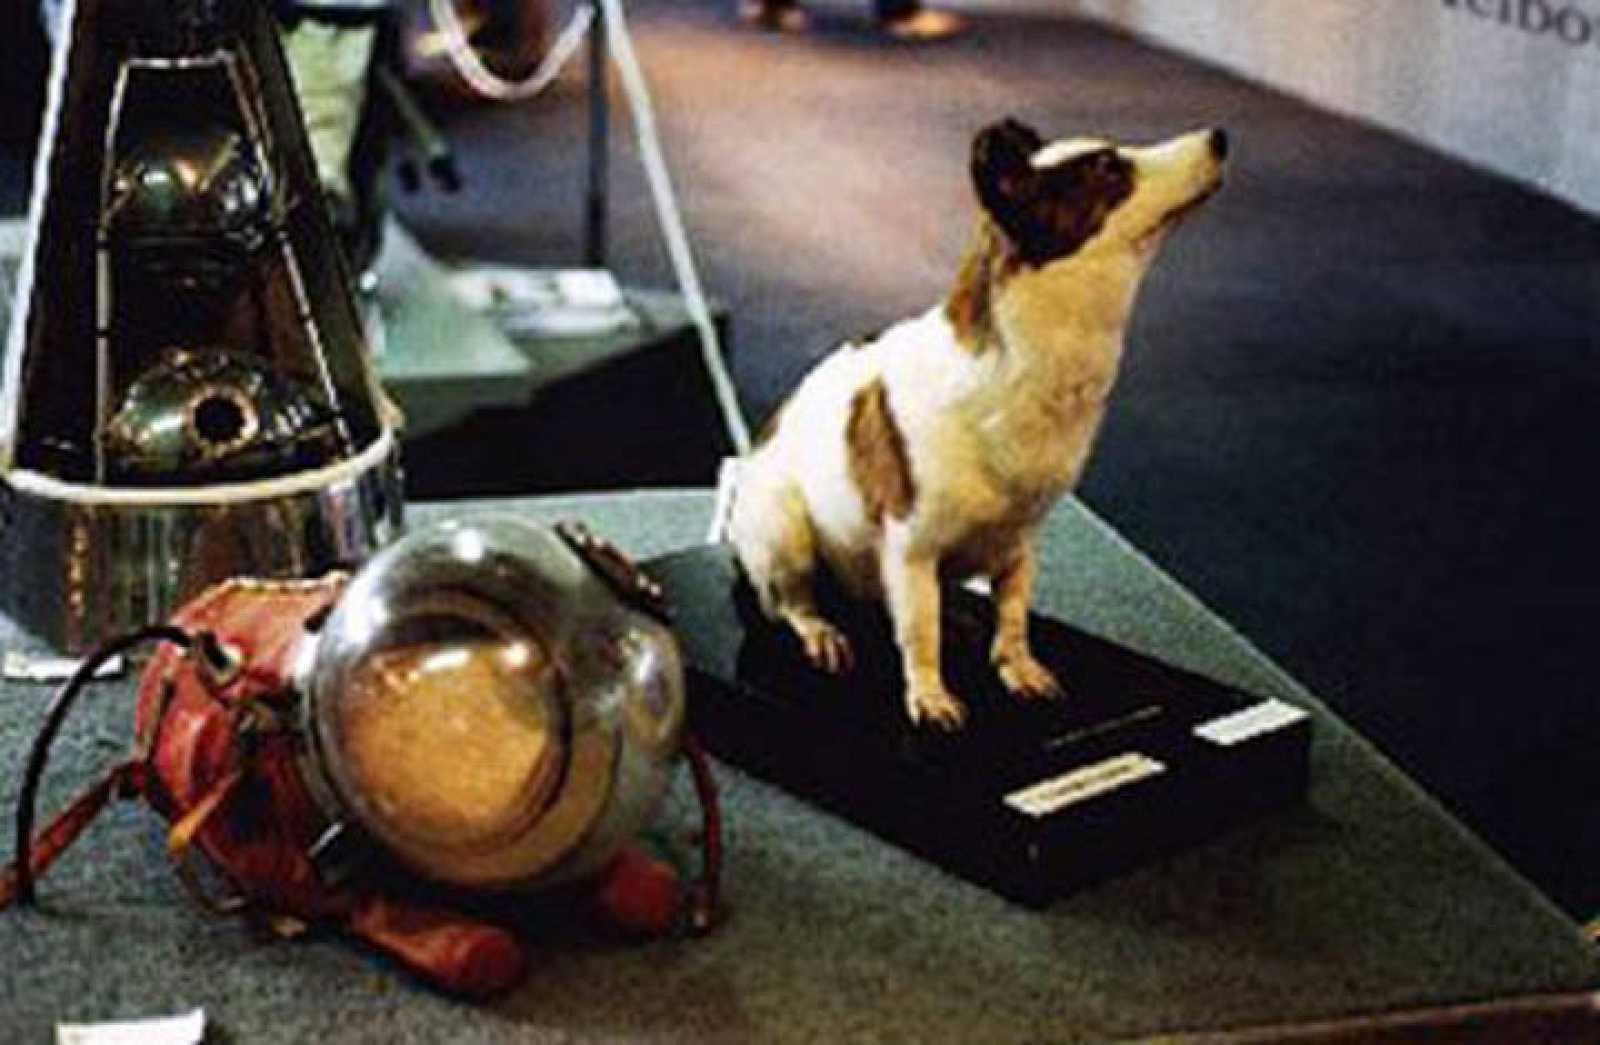 Strelka, una de las perras que participó en el viaje espacial, disecada y expuesta